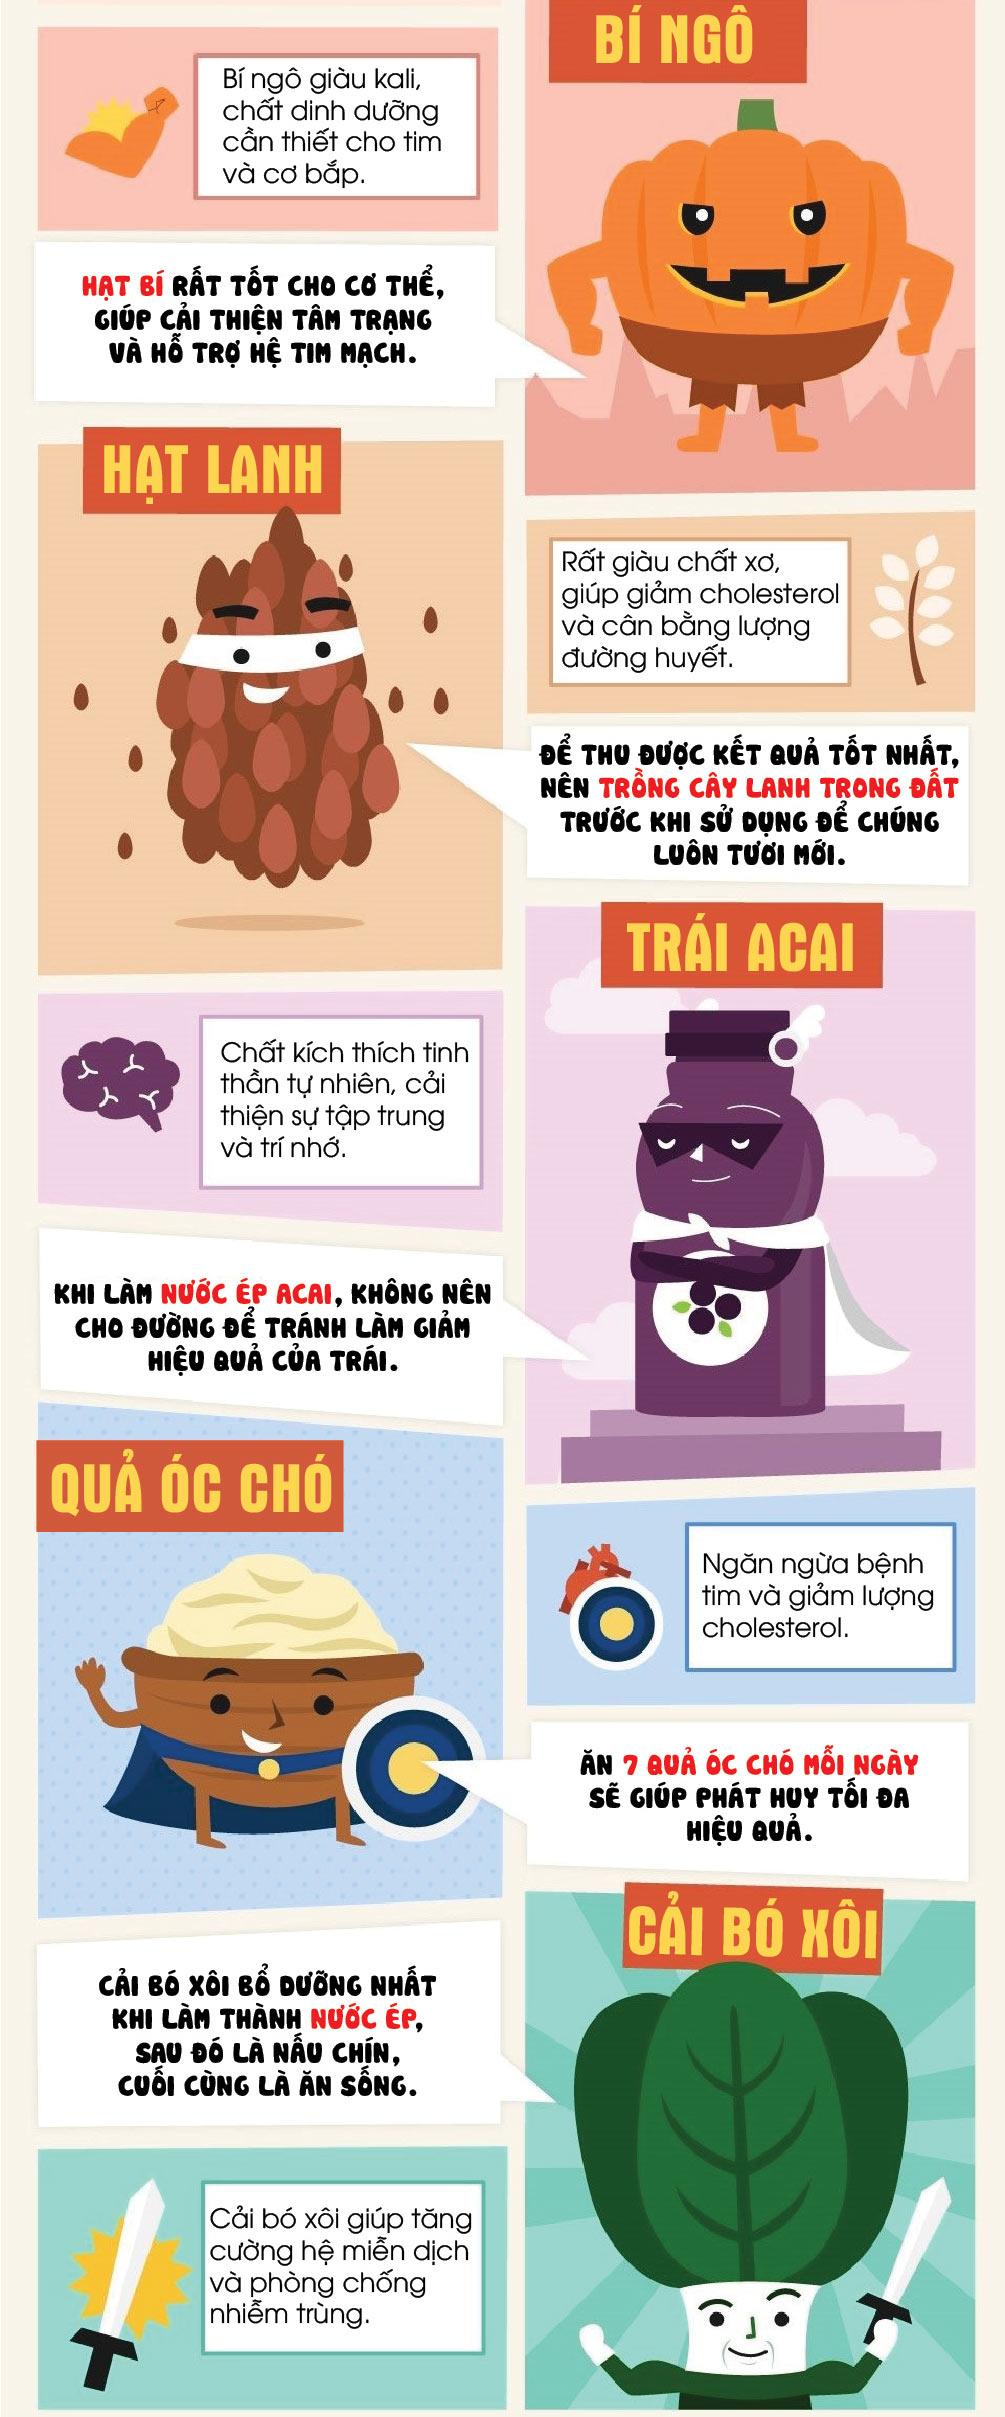 """Top siêu thực phẩm """"điểm 10"""" cho sức khỏe - 4"""